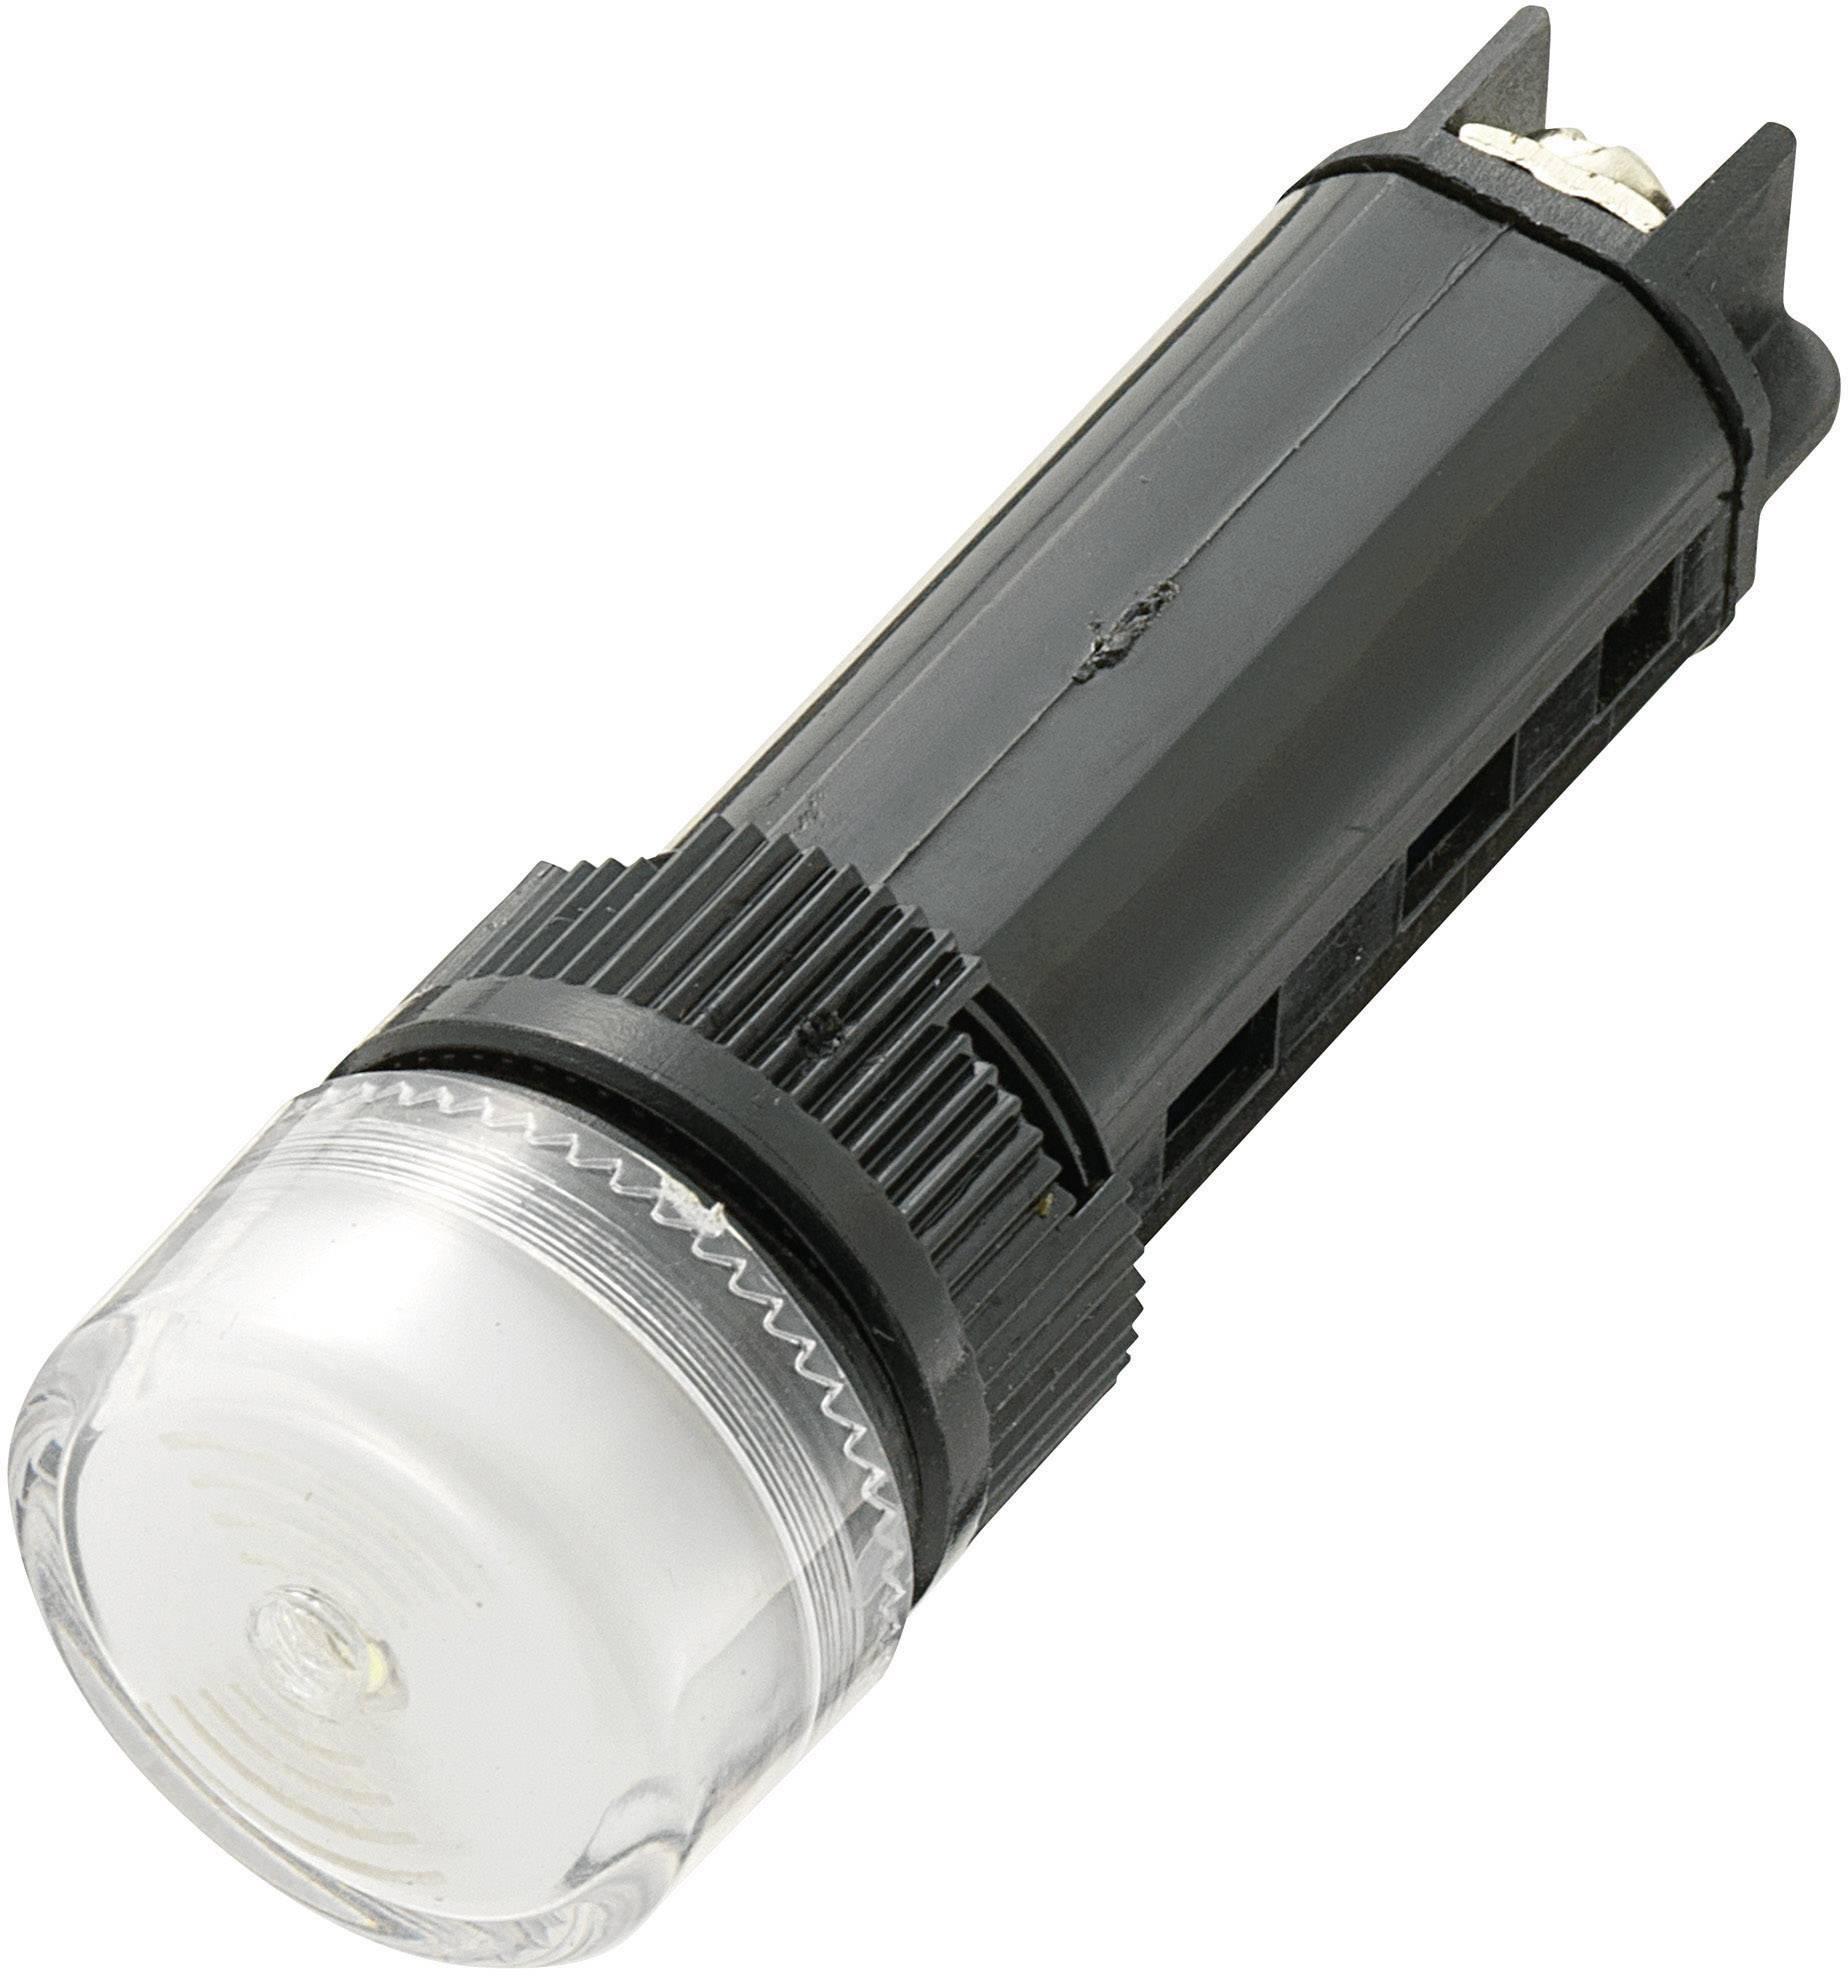 Sirénka / kontrolka, 80 dB 12 V / DC, bílá